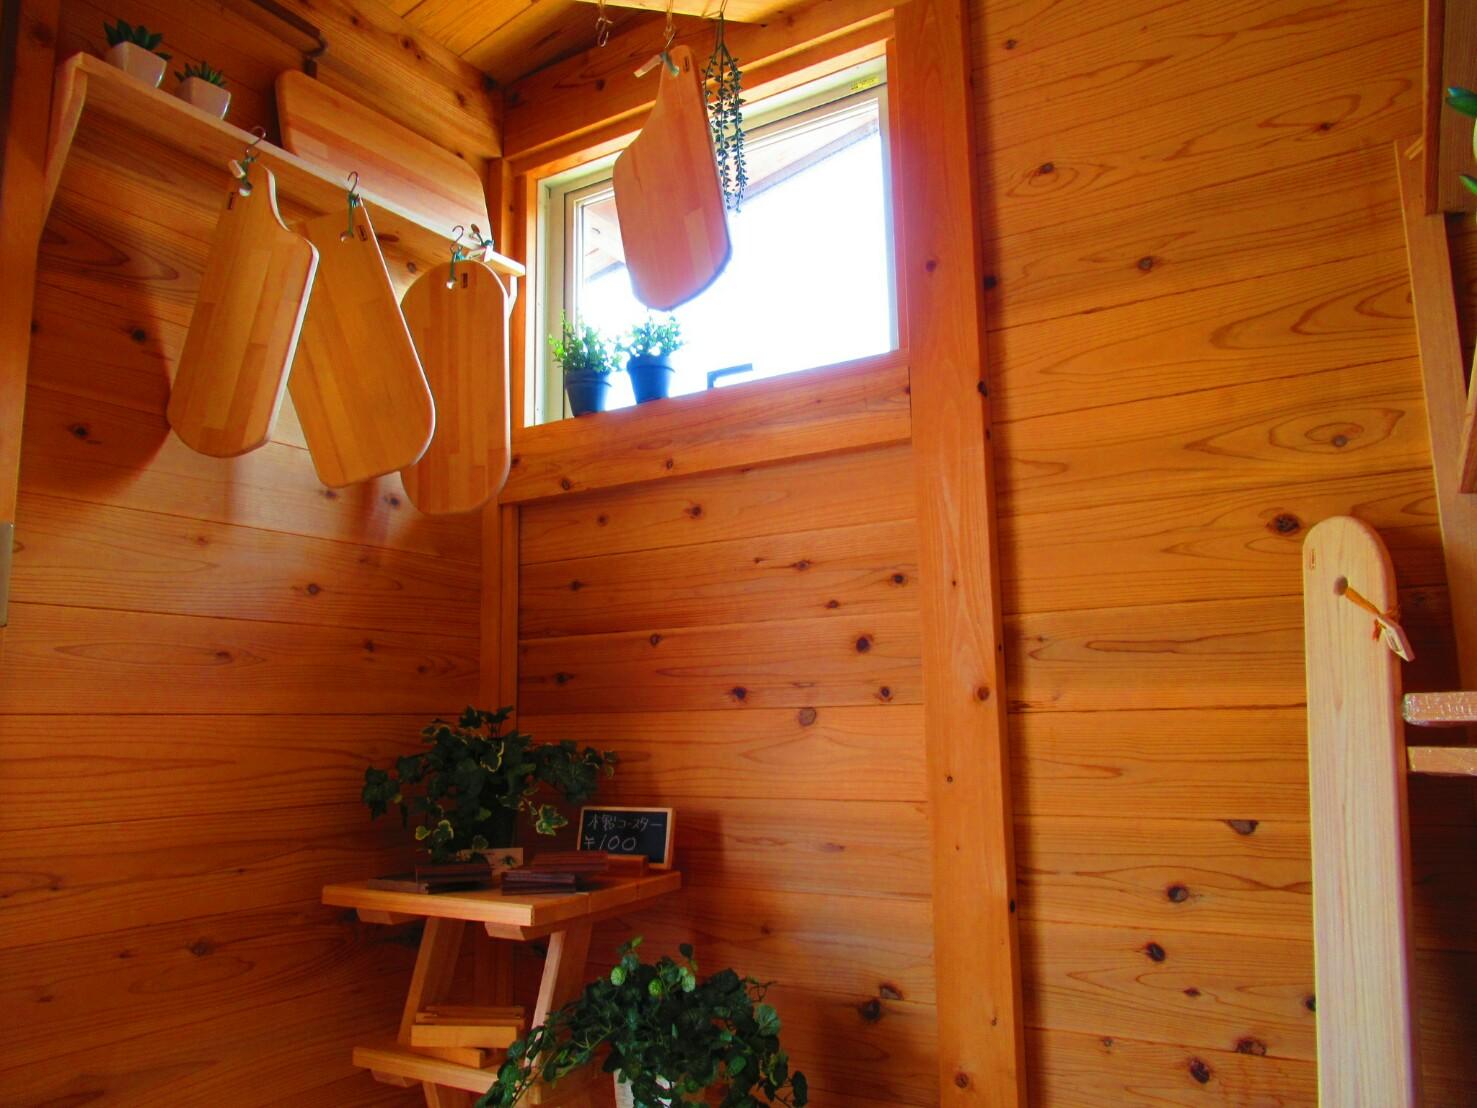 小屋の中には職人手づくりの木製雑貨。木の香りでいっぱい。